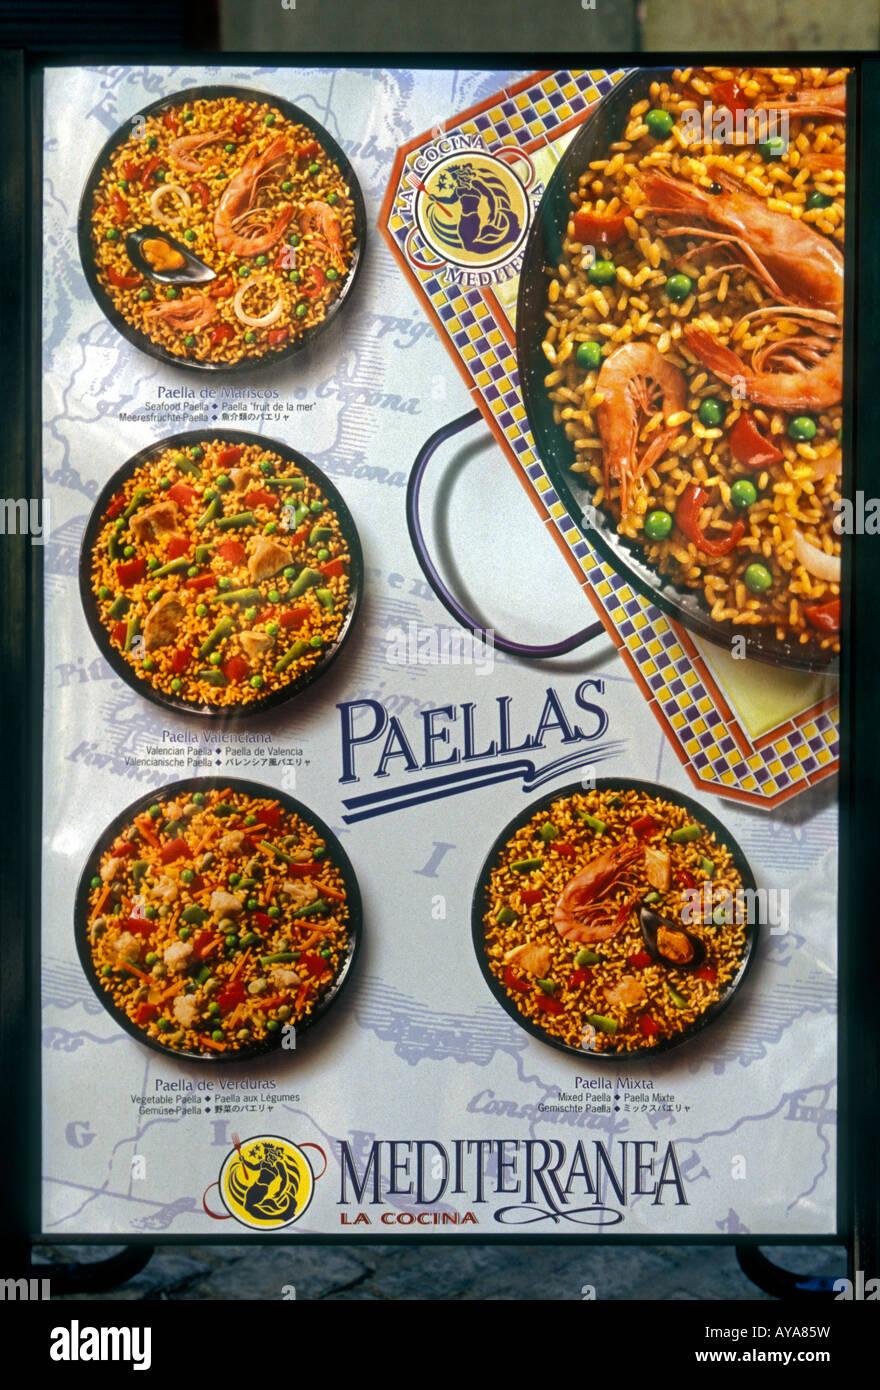 Paella, Paella, Spanischer Lebensmittel, Spanisch Essen und Trinken ...